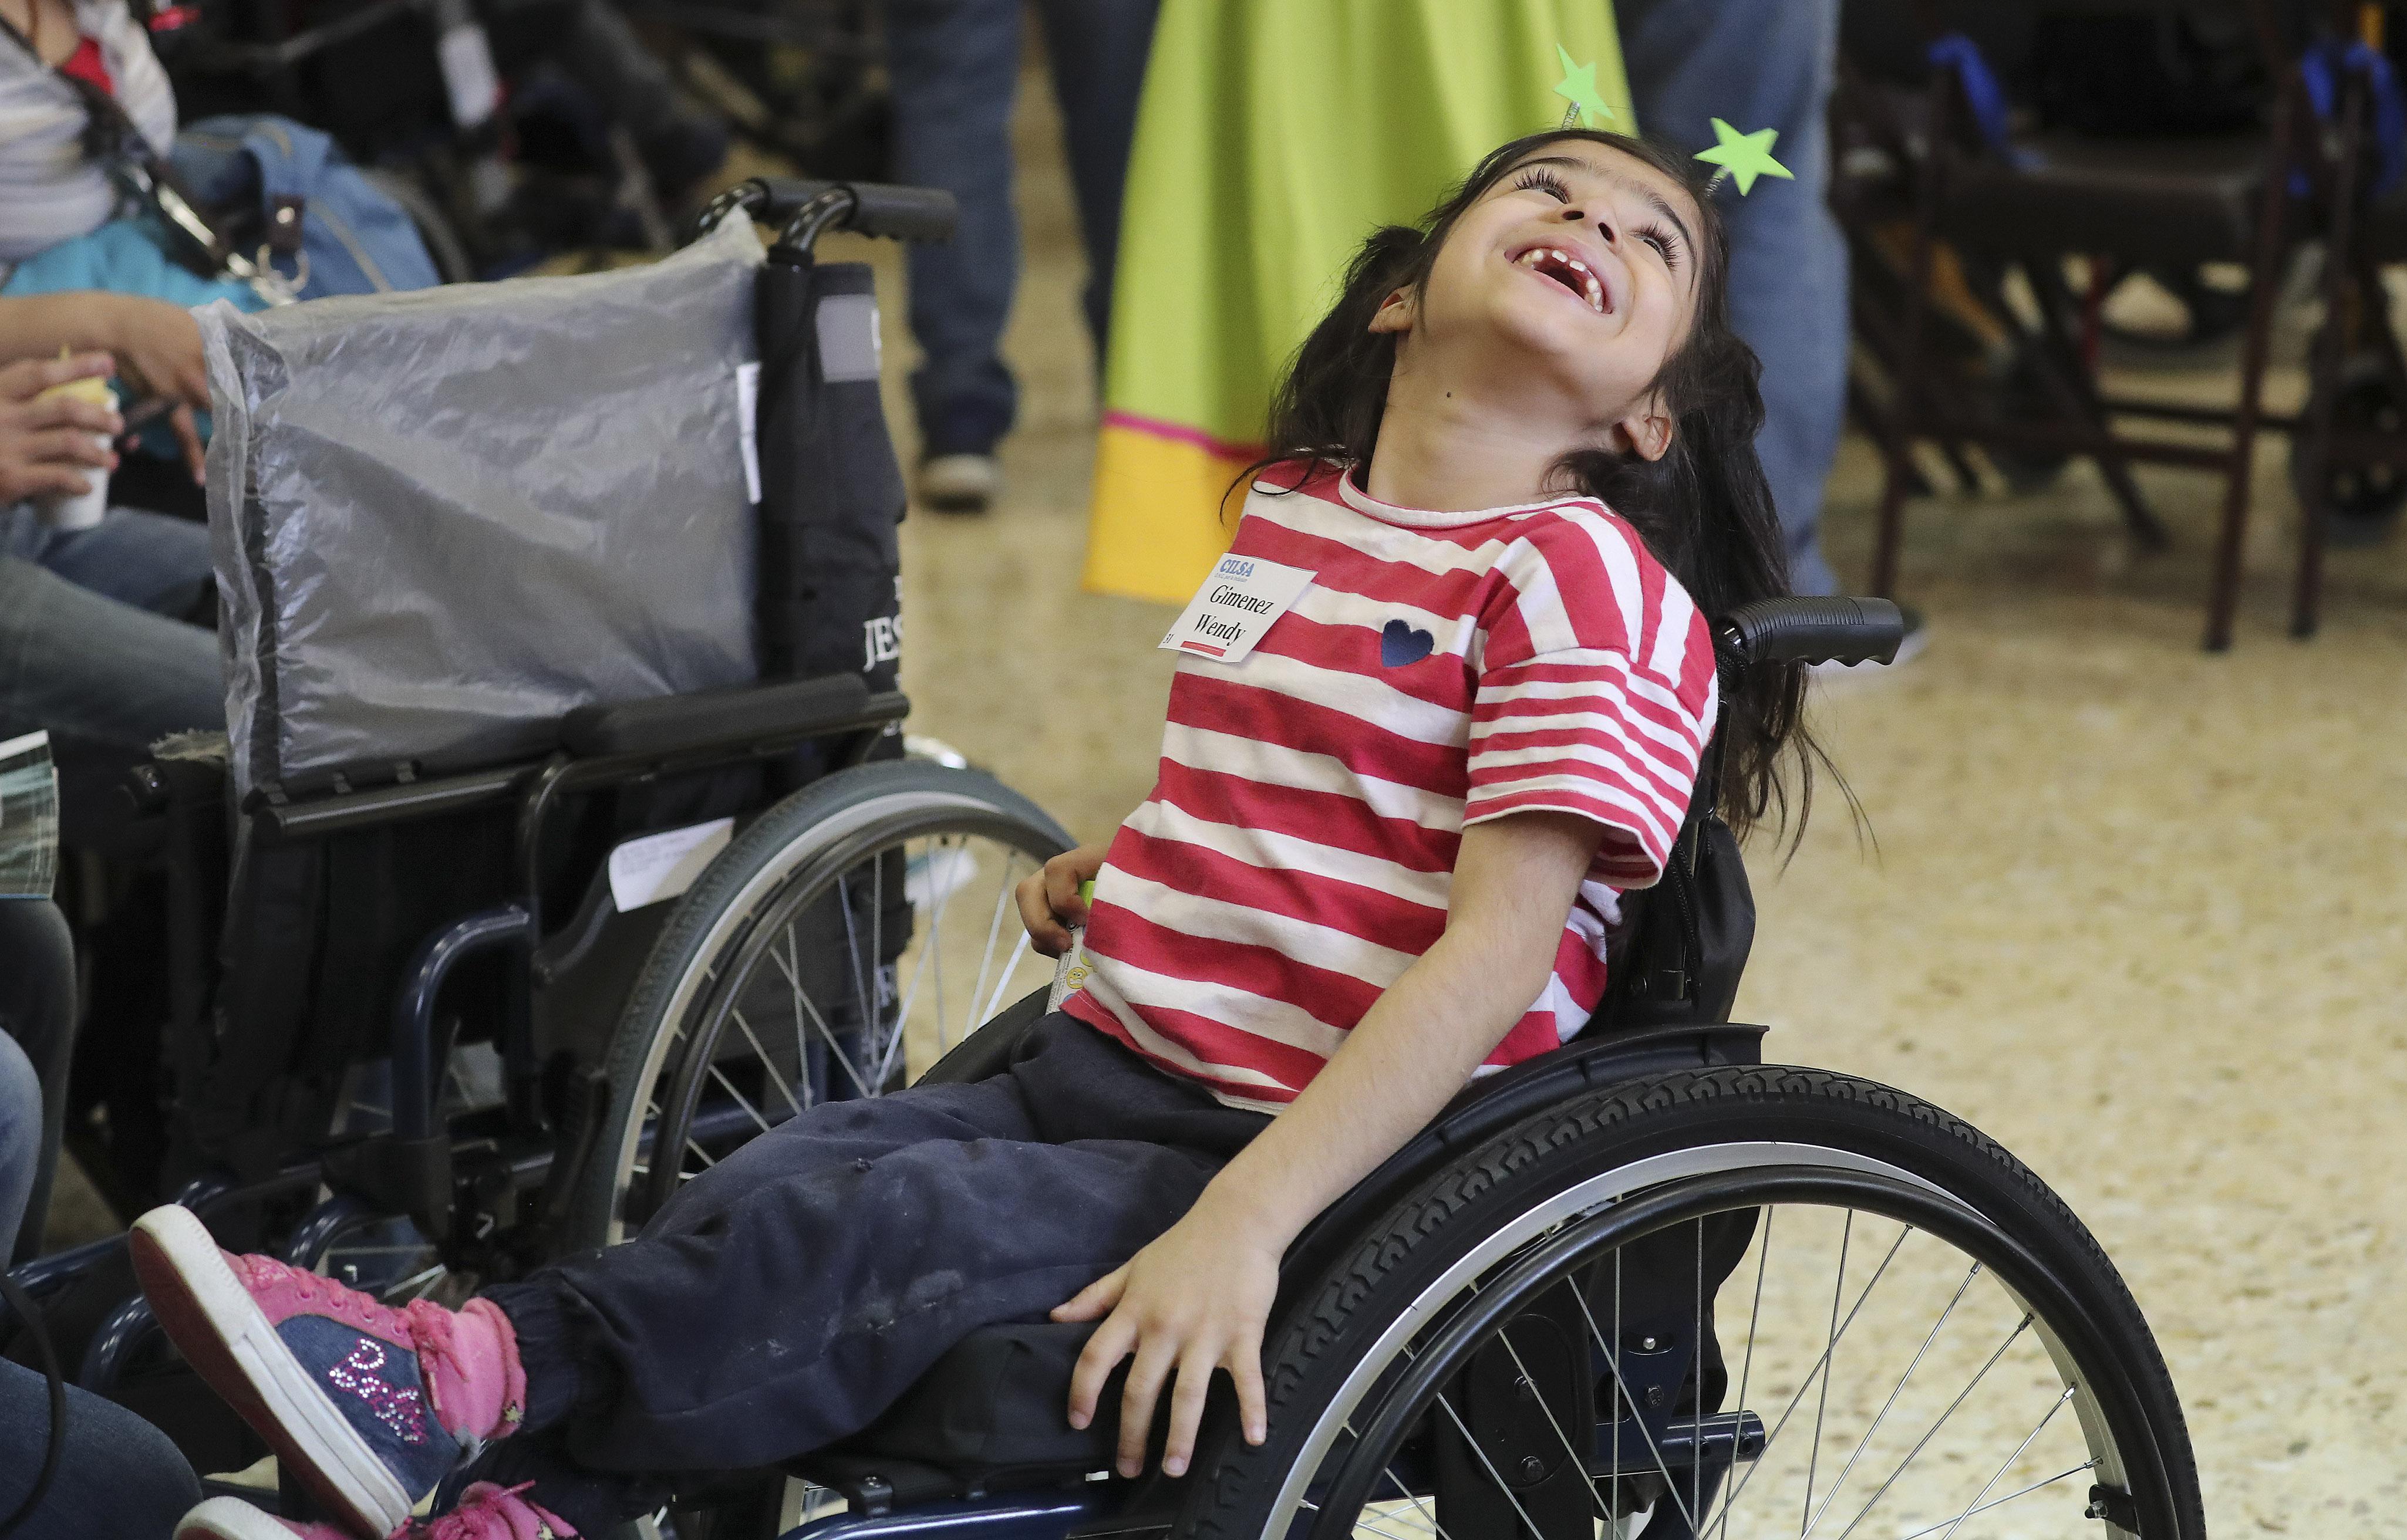 Wendy Giménez disfruta de su nueva silla de ruedas, gracias a Latter-day Saint Charities que donaron sillas de ruedas a los destinatarios en el centro de reuniones del Barrio Villa Urquiza en Buenos Aires, Argentina, el miércoles, 28 de agosto de 2019.